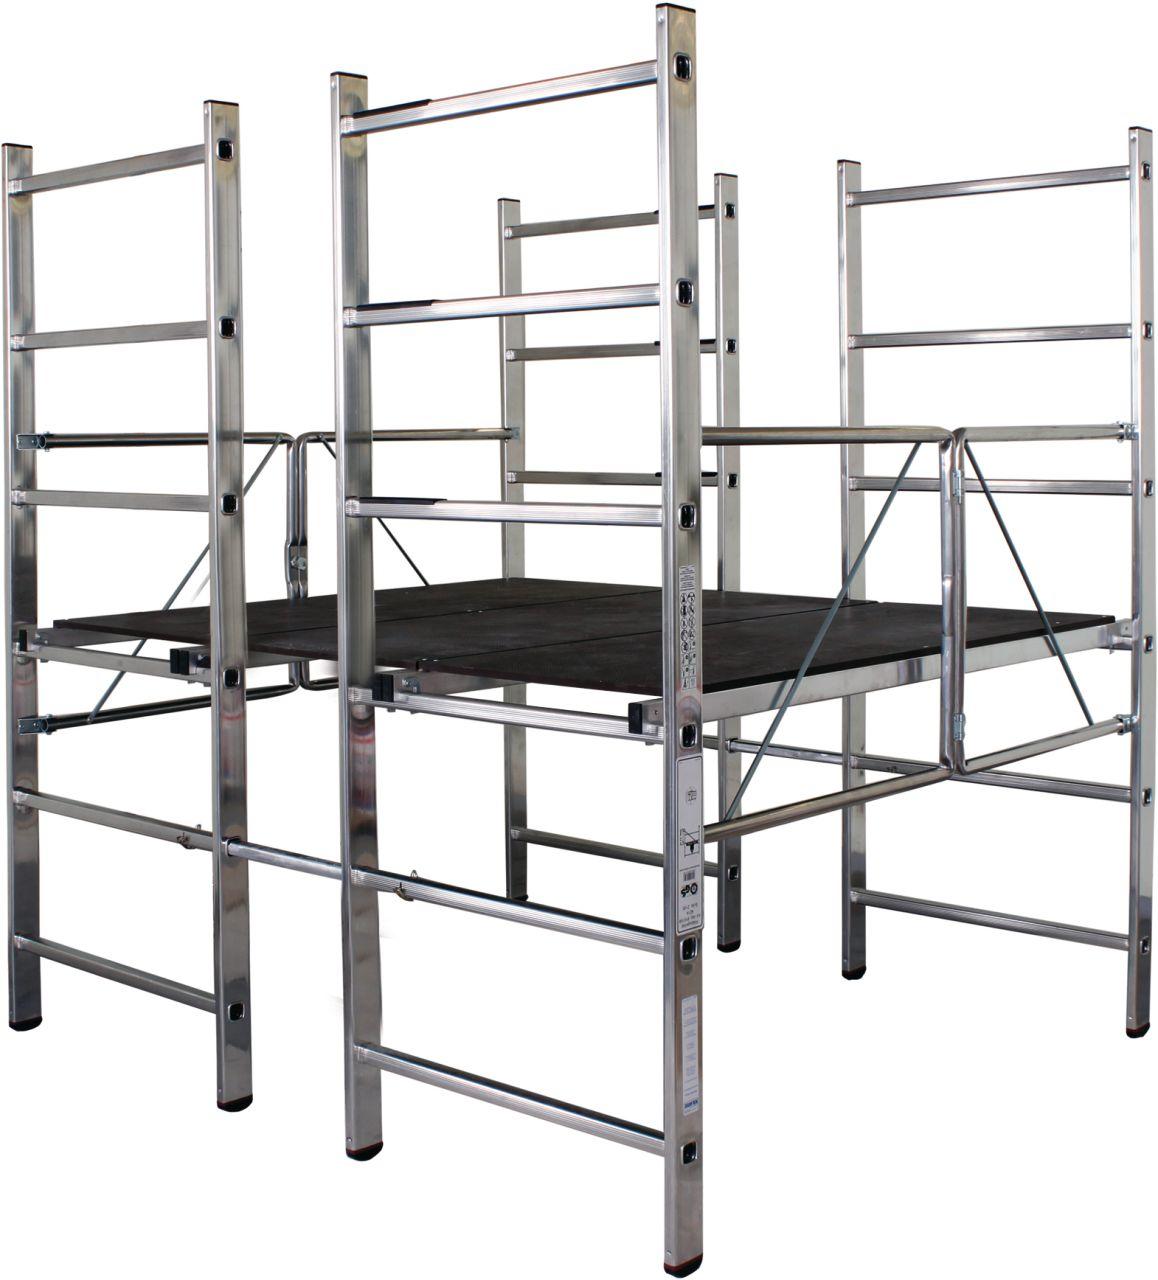 Подмости-платформа. Складывающиеся платформа - идеально подходит для ремонта. Большая рабочая площадь предоставляет достаточно места для персонала ,материалов и инструментов